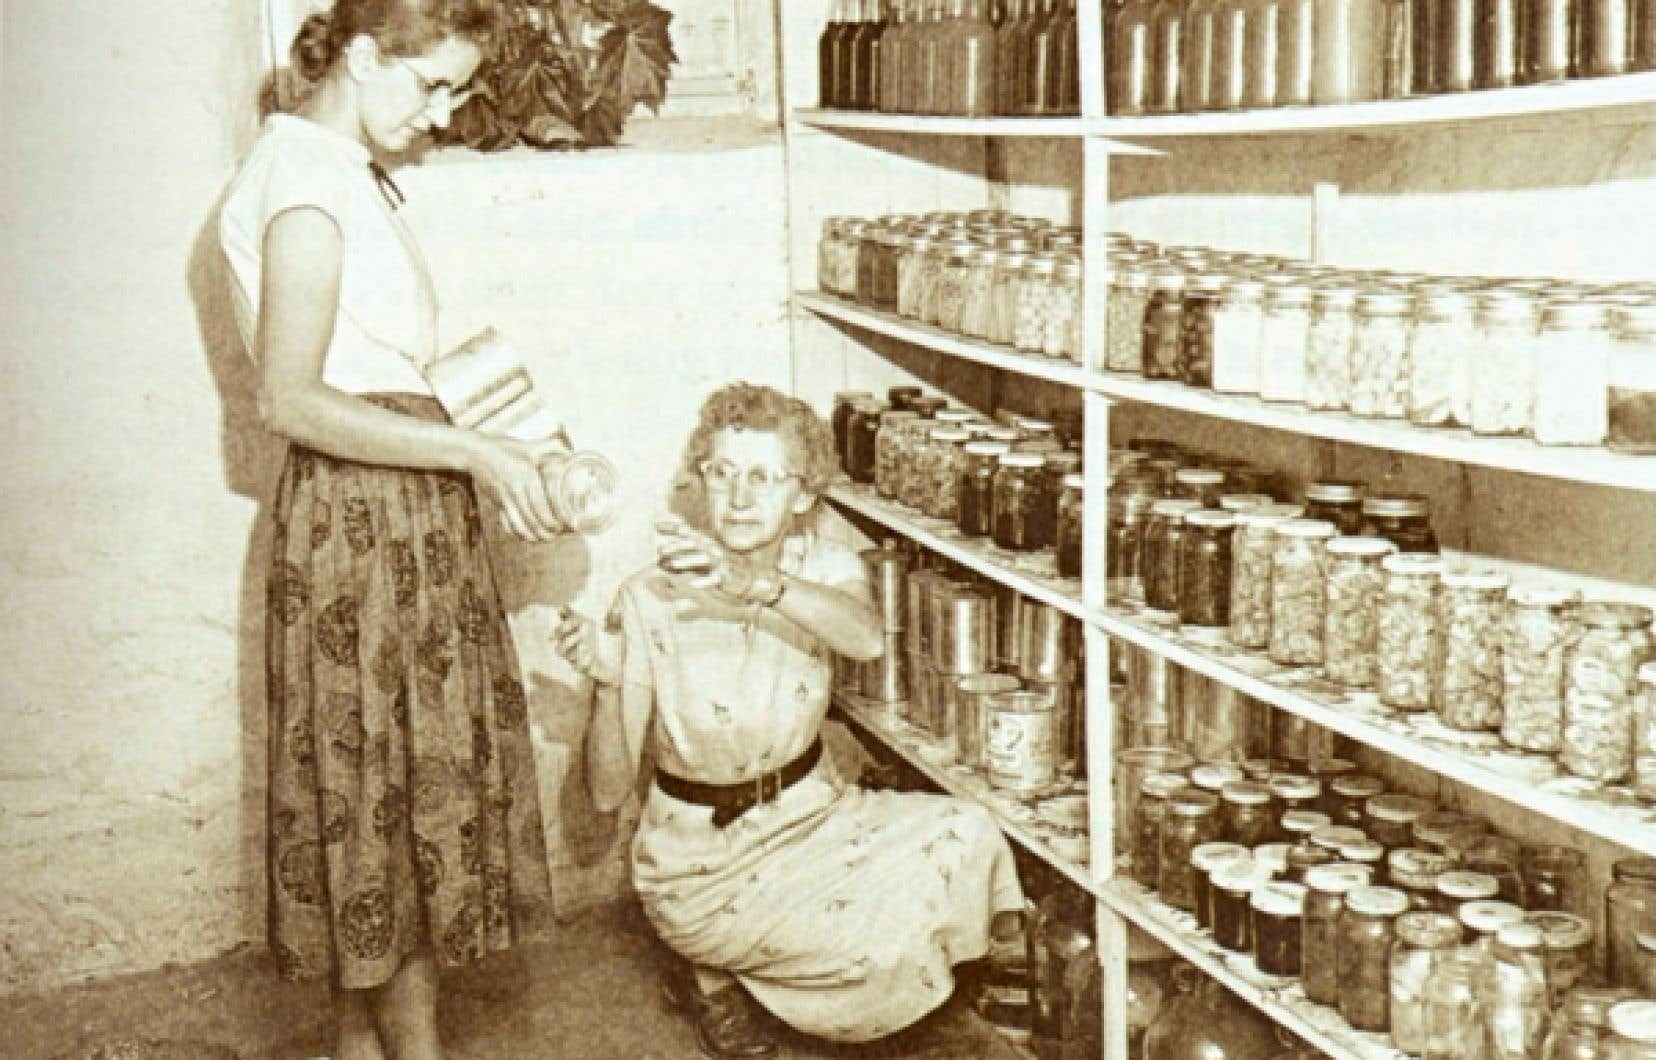 Un garde-manger rempli de pots de confiture vari&eacute;es. Mme Phiippe P&eacute;pin et sa fille Denise, Warwick, Arthabasca, 1957. <br />